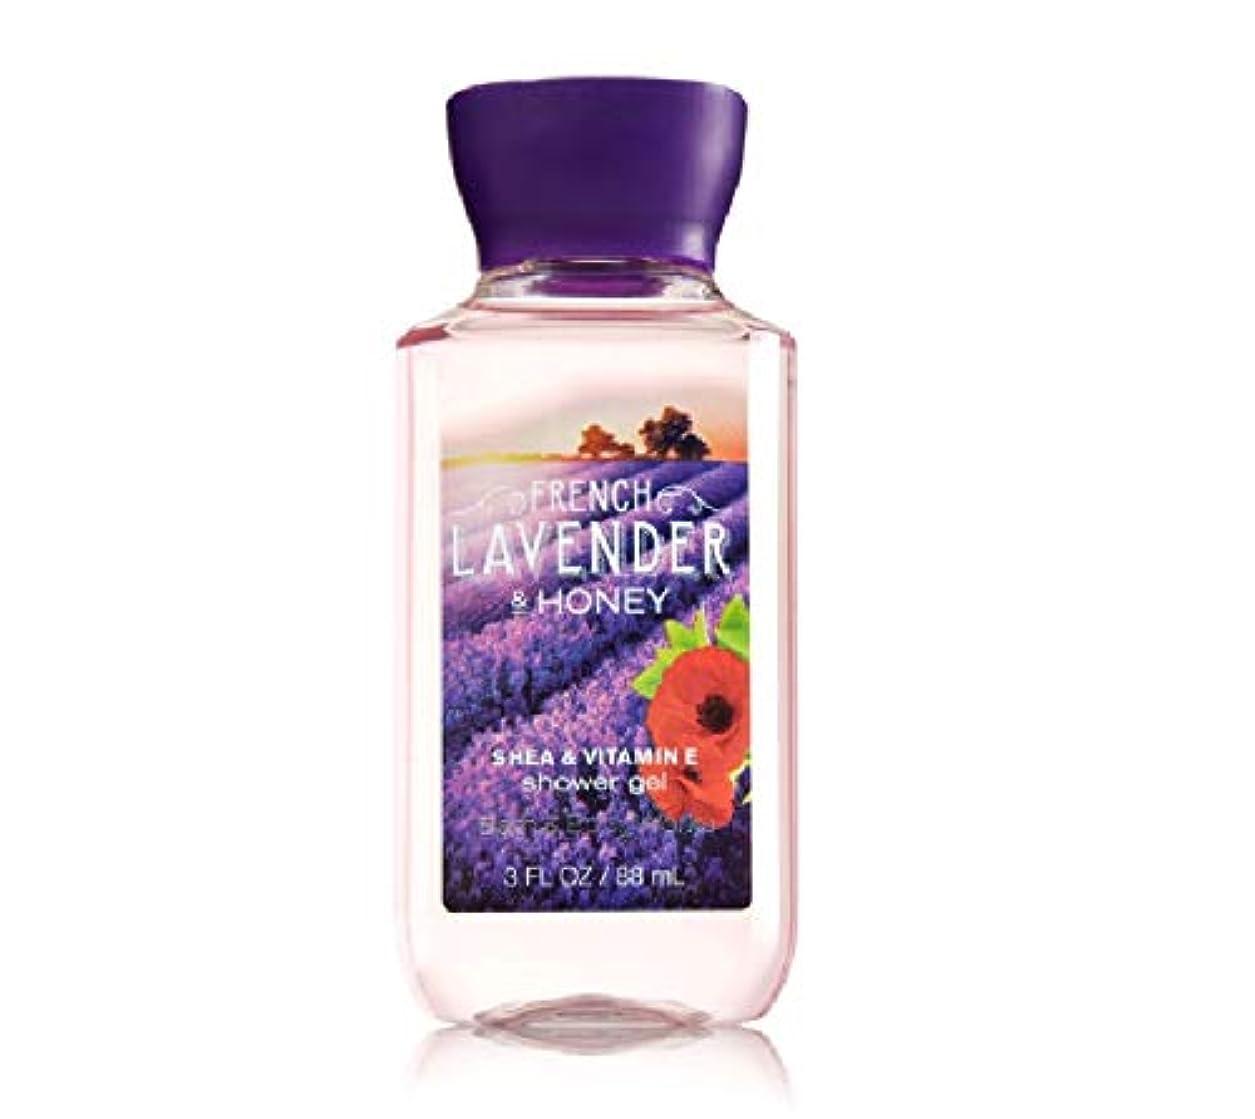 聖職者反対したツインバス&ボディワークス フレンチラベンダー&ハニー ボディソープ French Lavender & honey トラベルサイズ [並行輸入品]